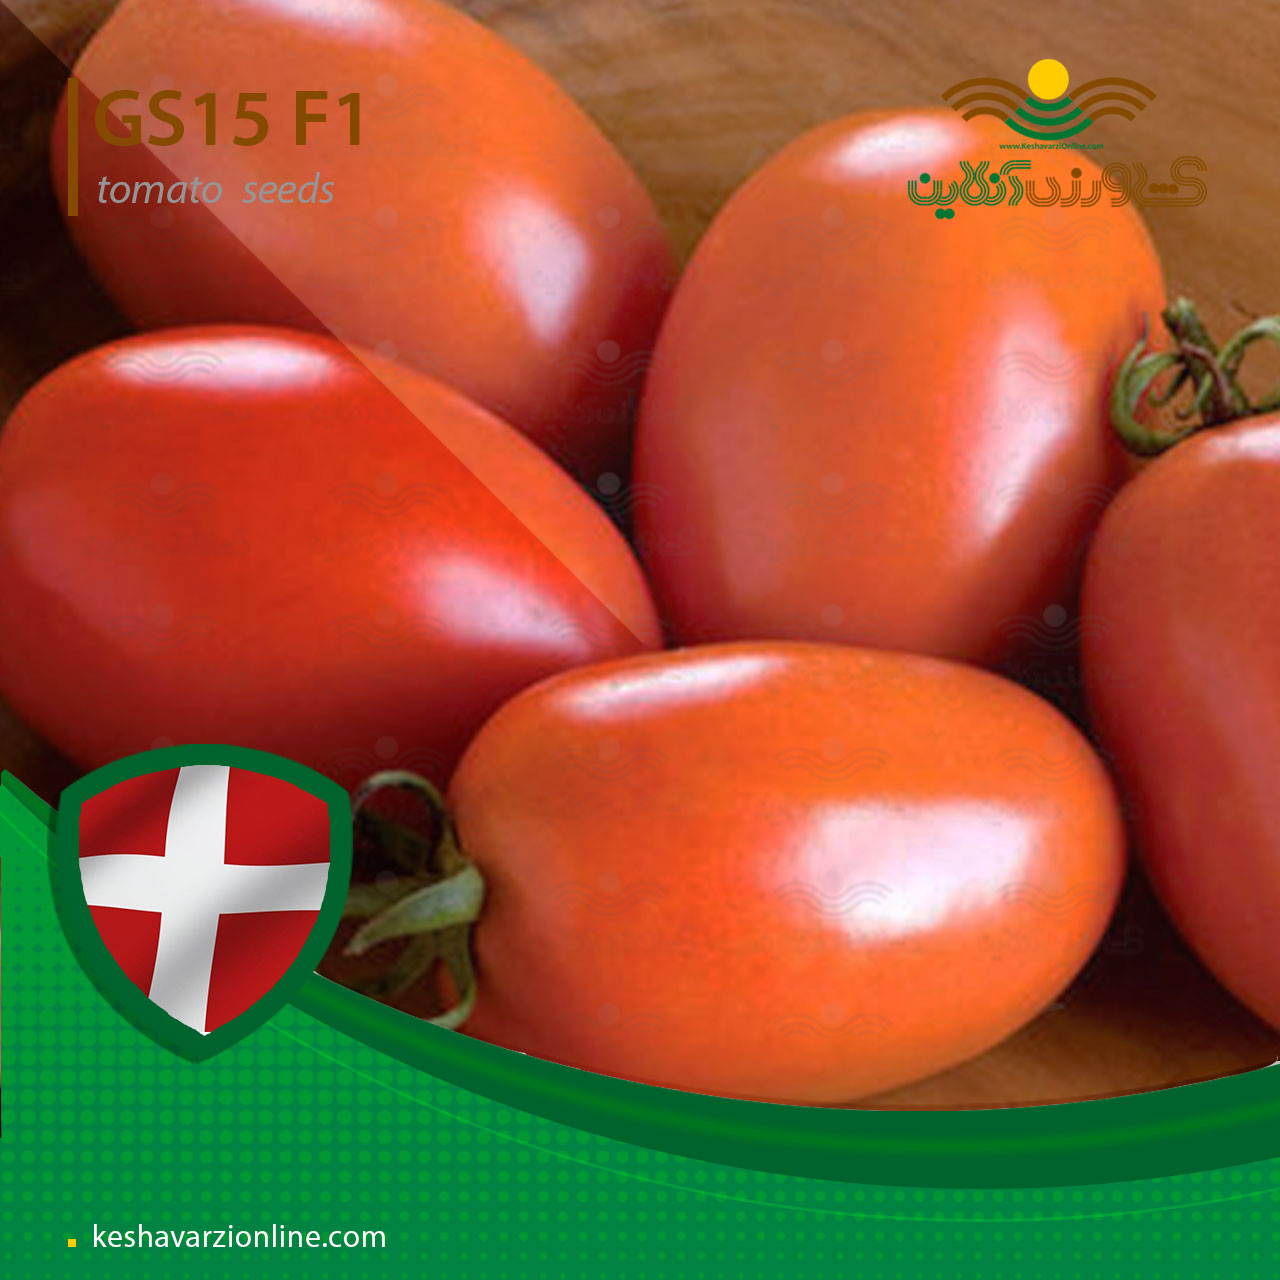 بذر گوجه فرنگی جی اس 15